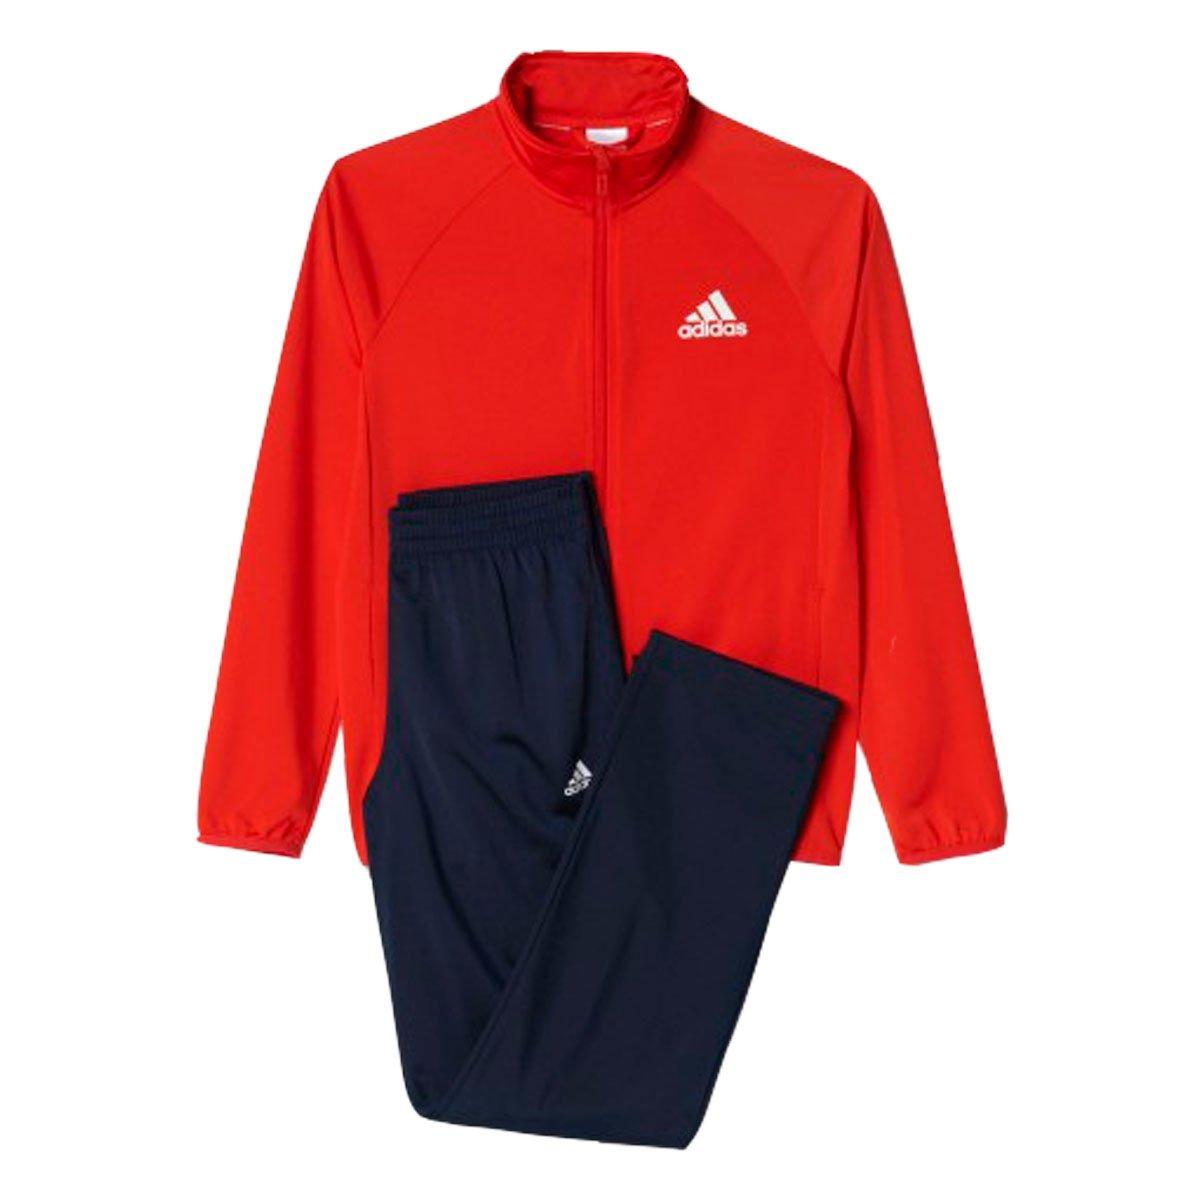 Agasalho Adidas YB TS ENTRY OH Vermelho Marinho 1e96a43272d25